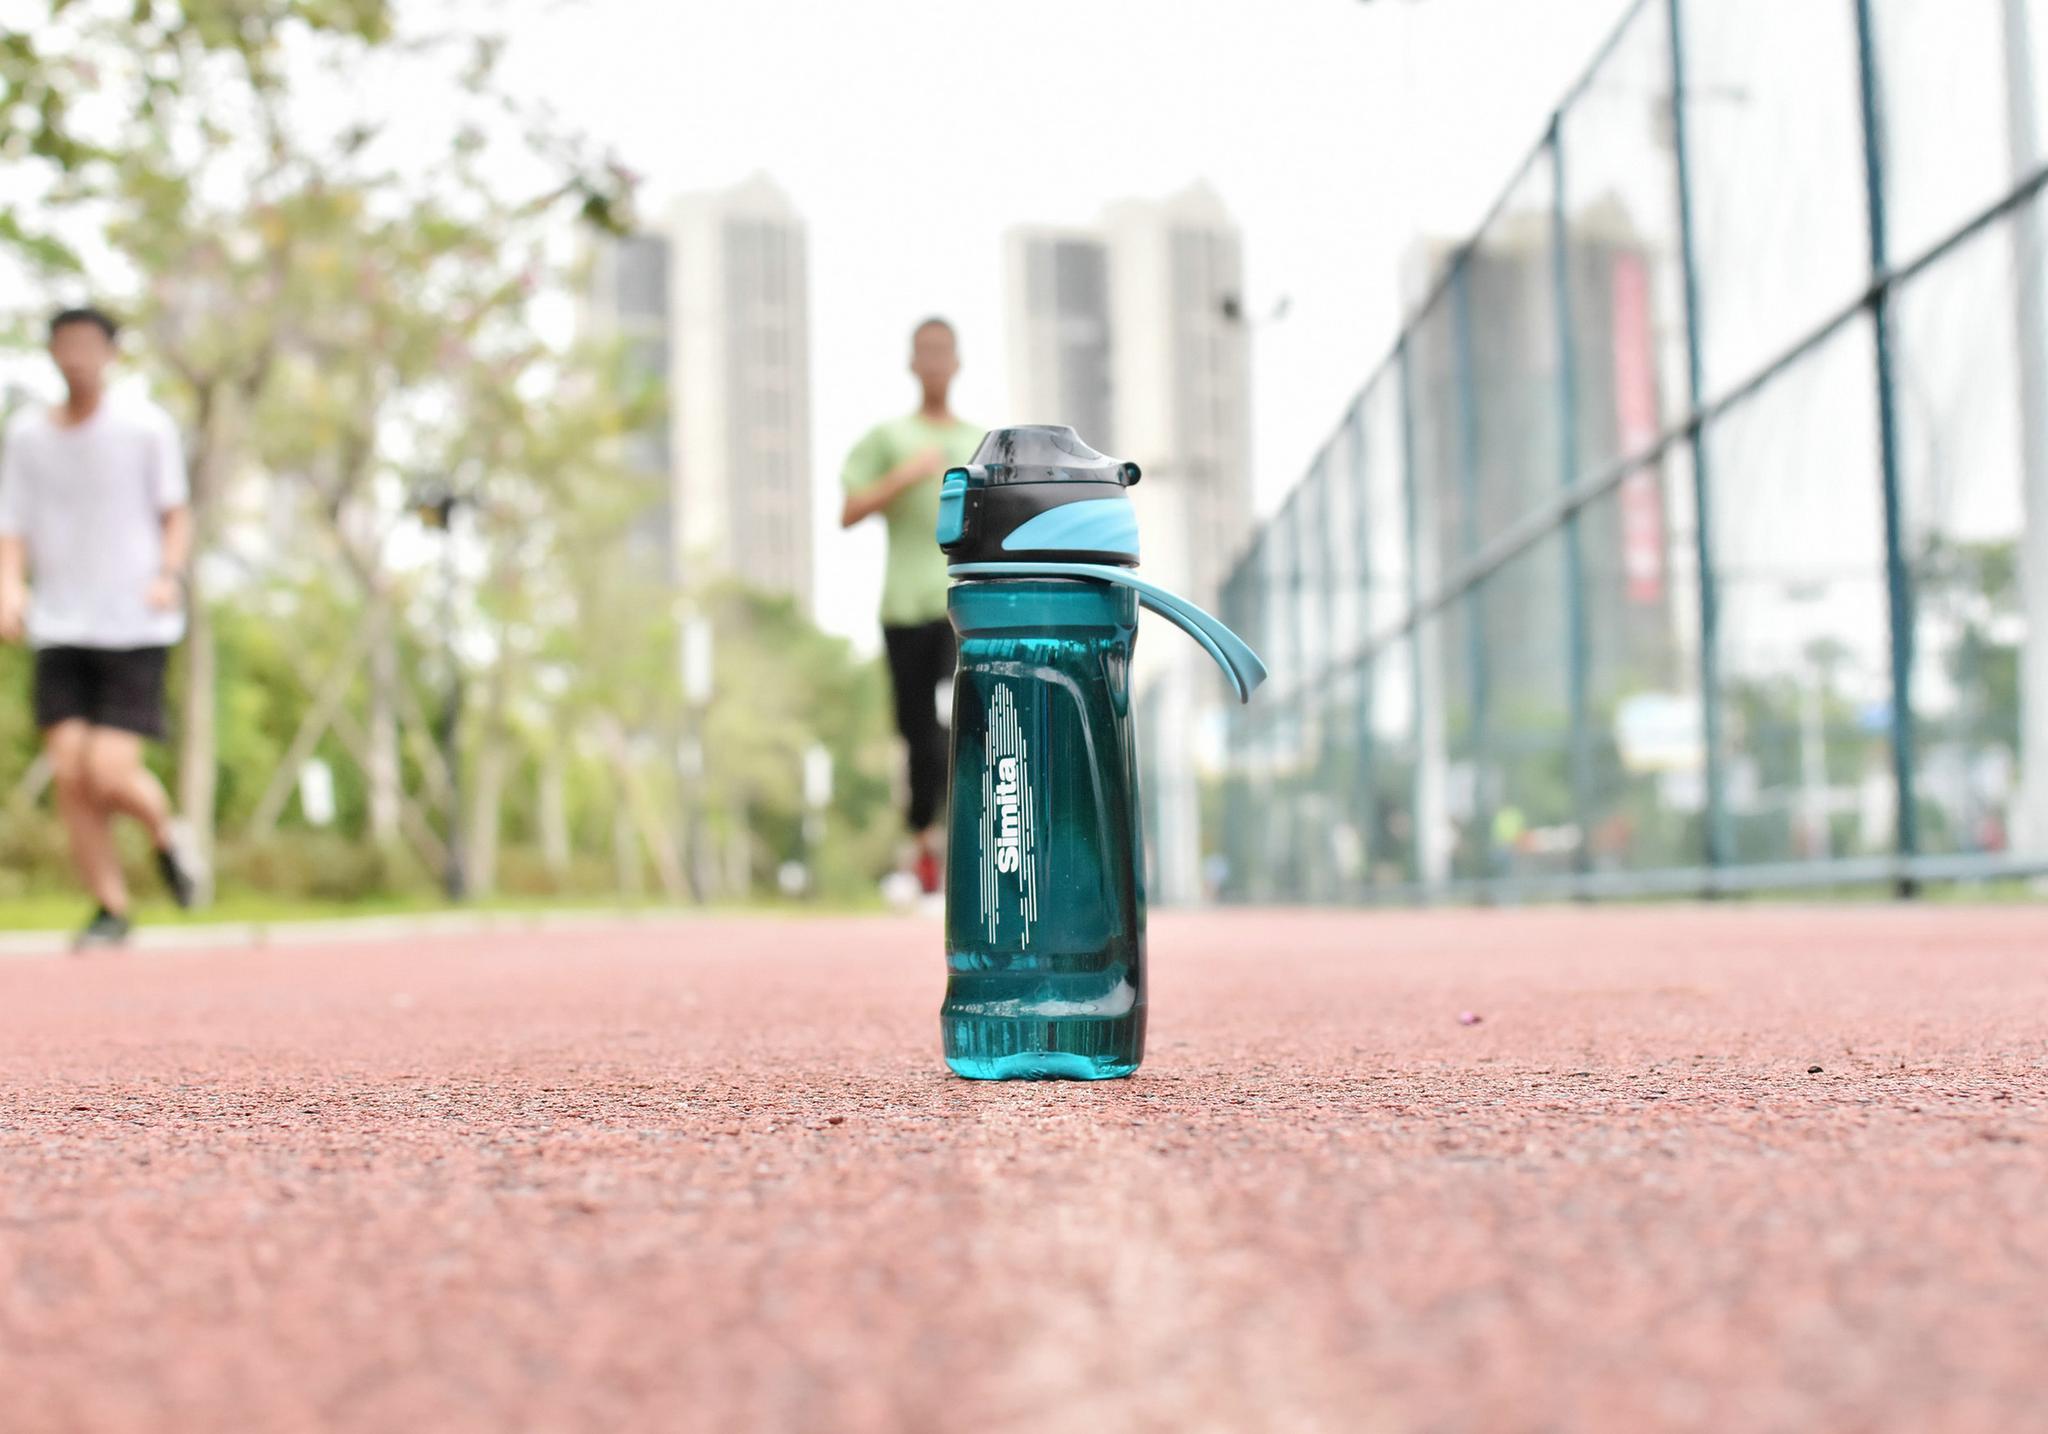 抗造耐摔有手感,运动便携的Simita施密特随风直饮杯使用分享